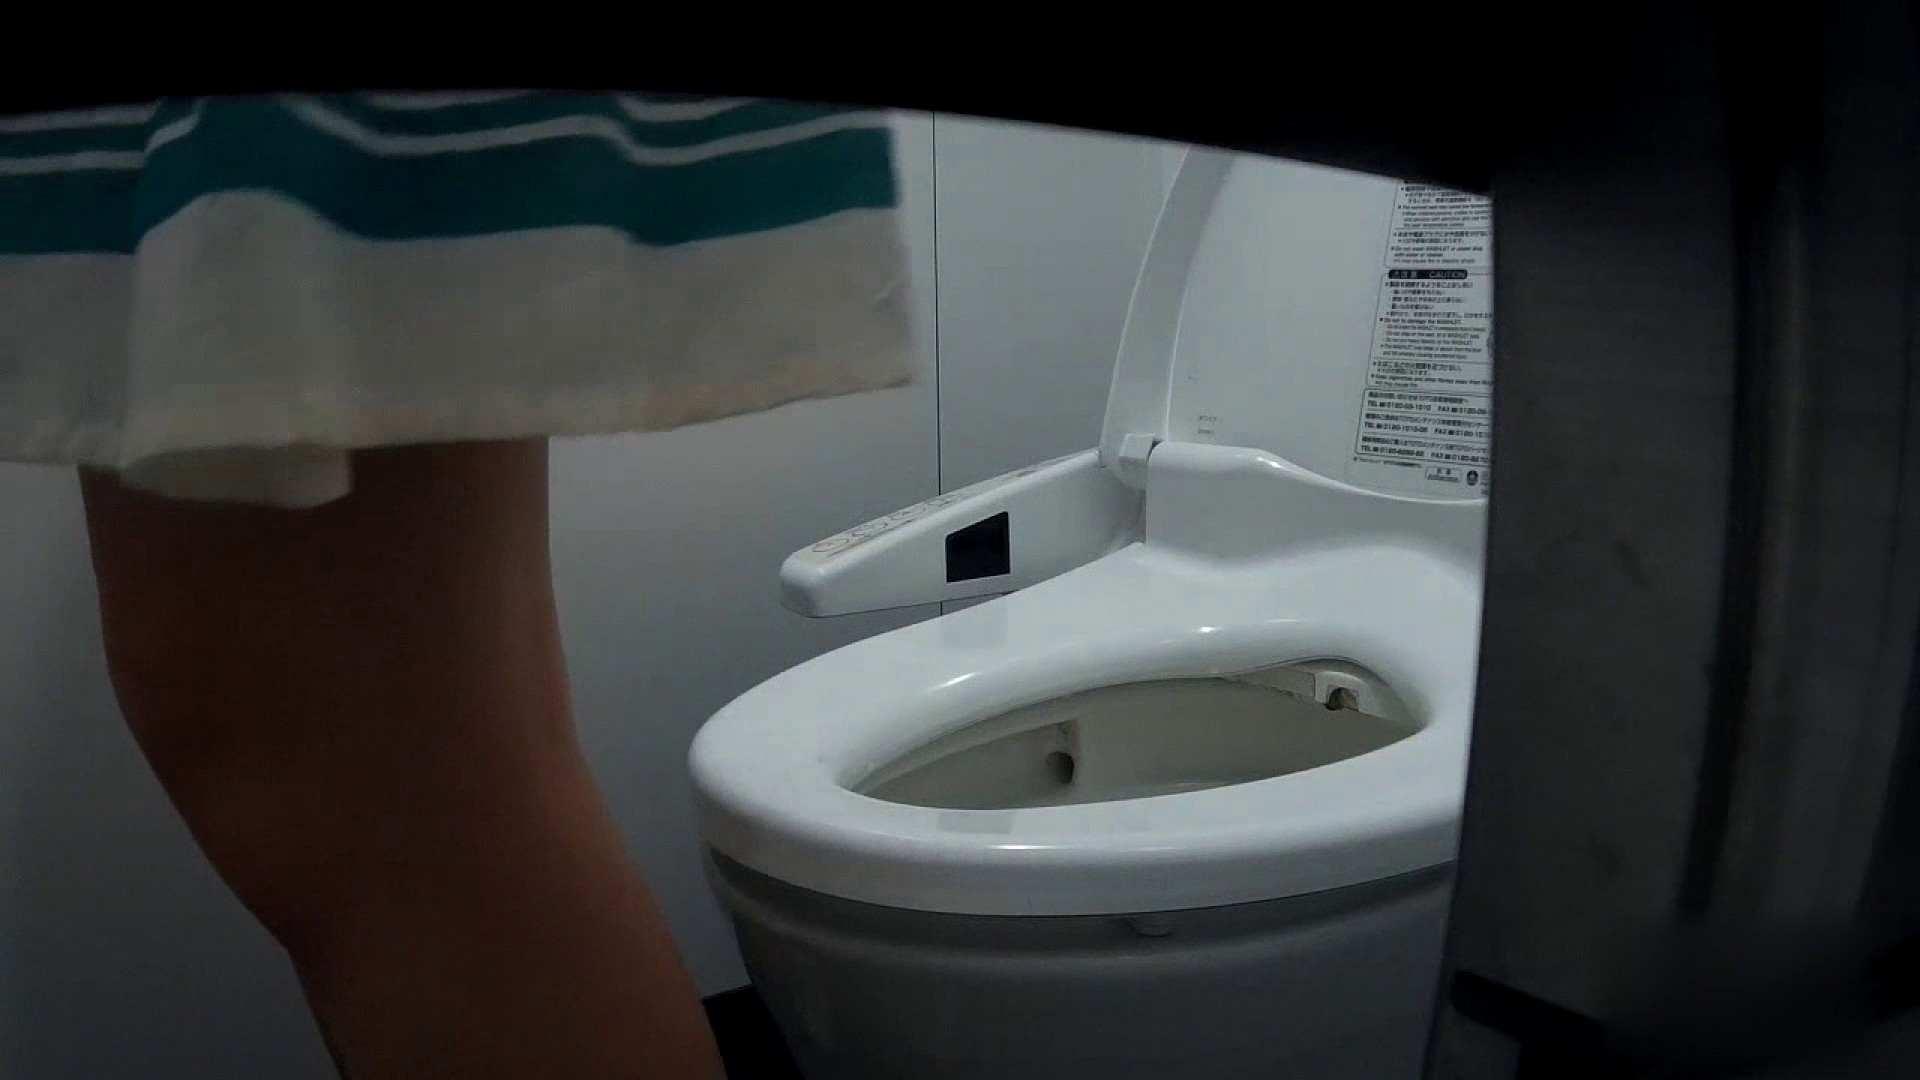 有名大学女性洗面所 vol.37 ついでにアンダーヘアーの状態確認ですね。 和式 エロ画像 101枚 54